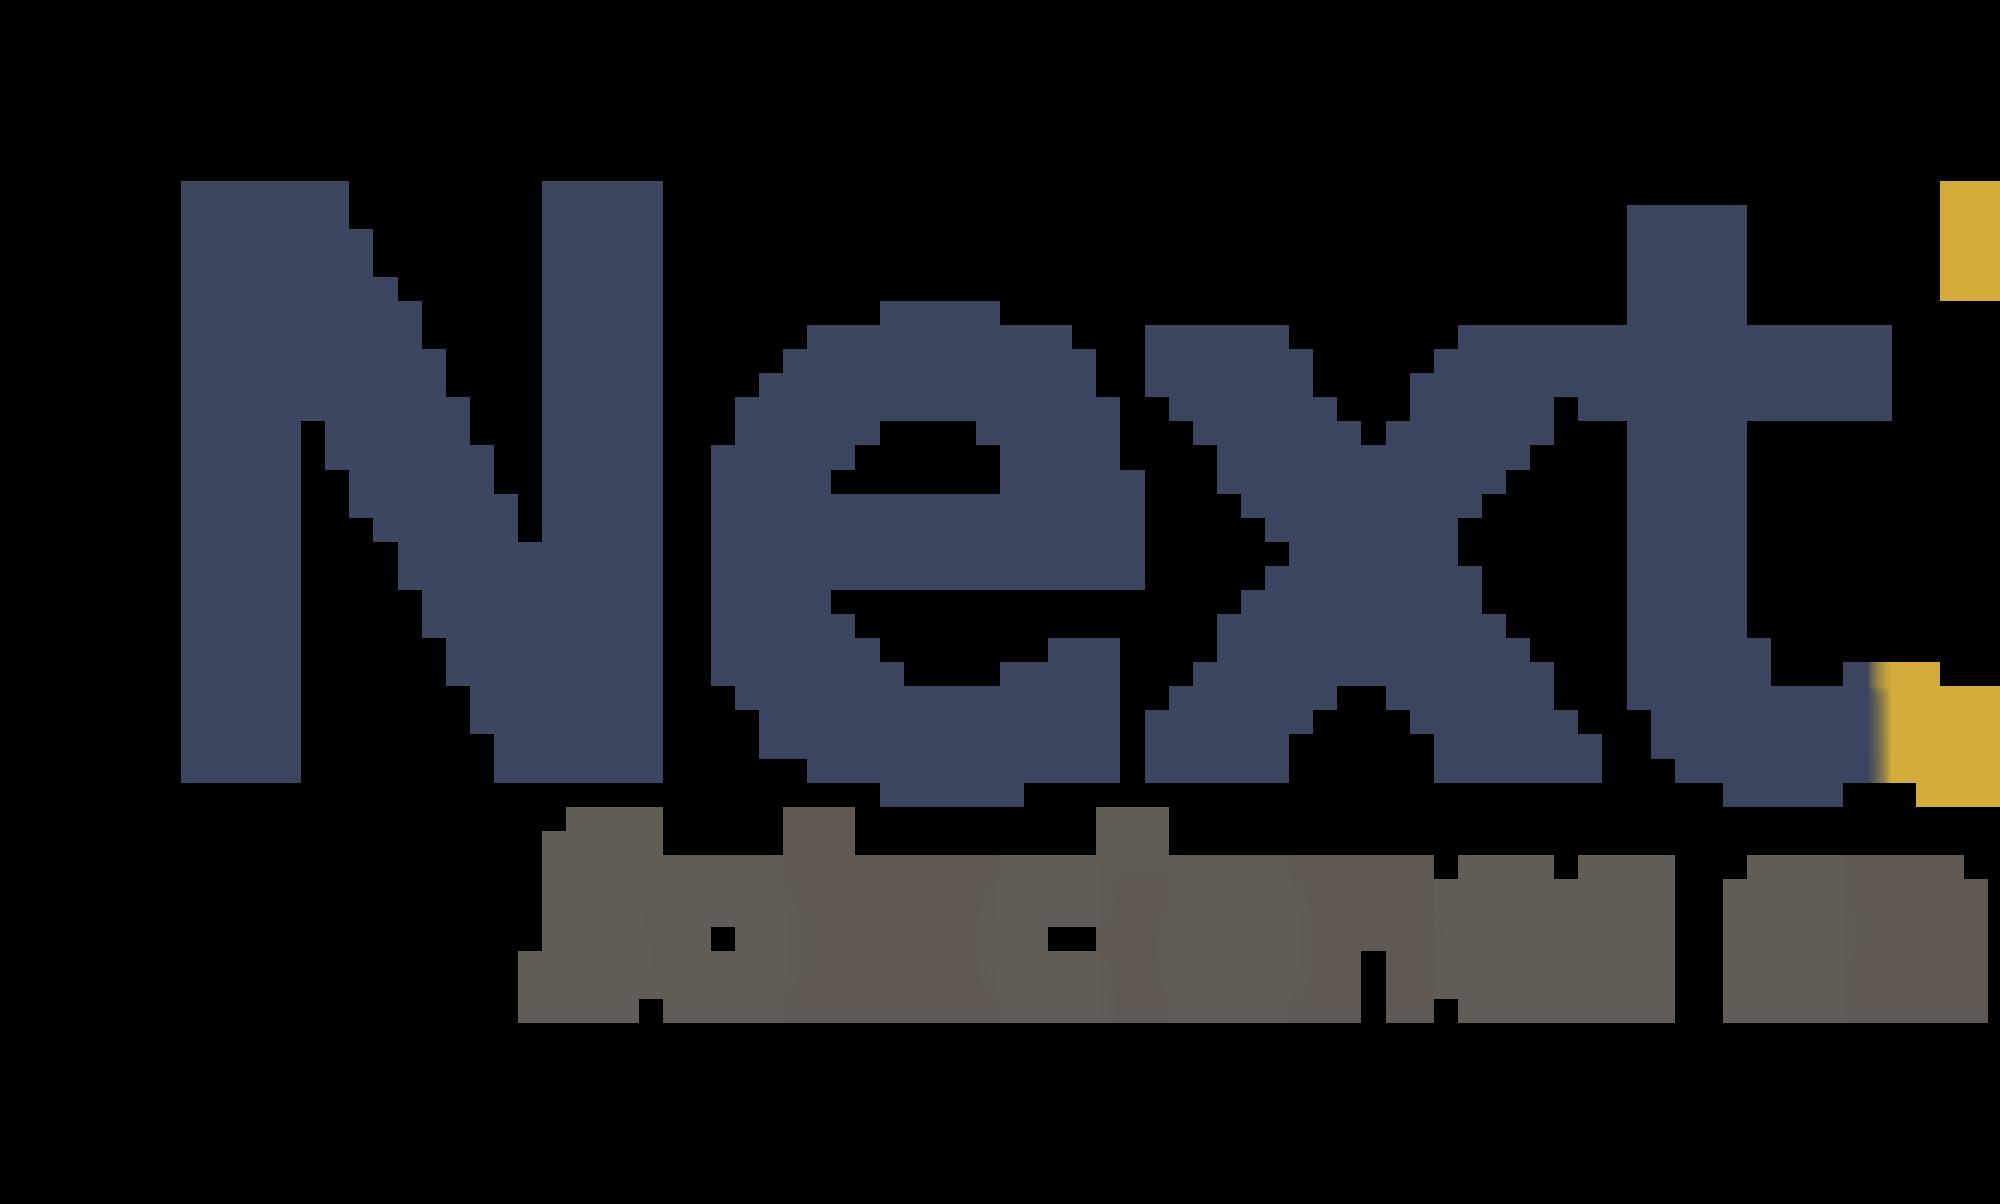 NextJob